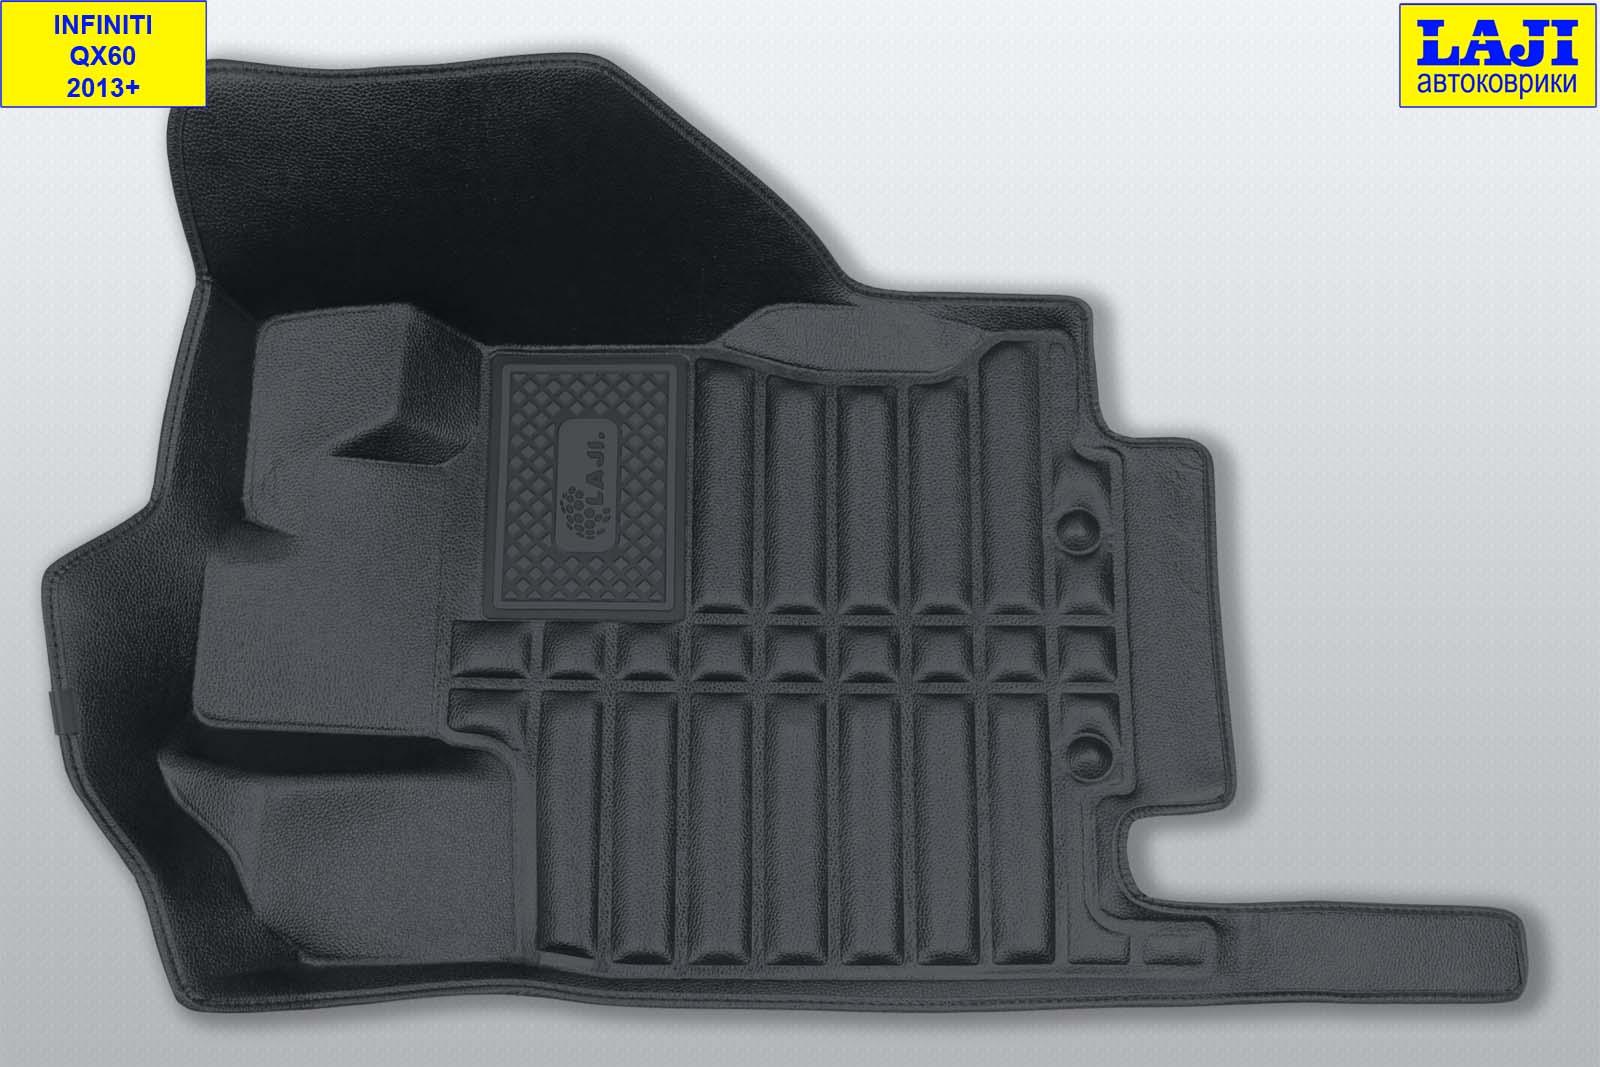 5D коврики в салон Infiniti QX60 2013-н.в. 3